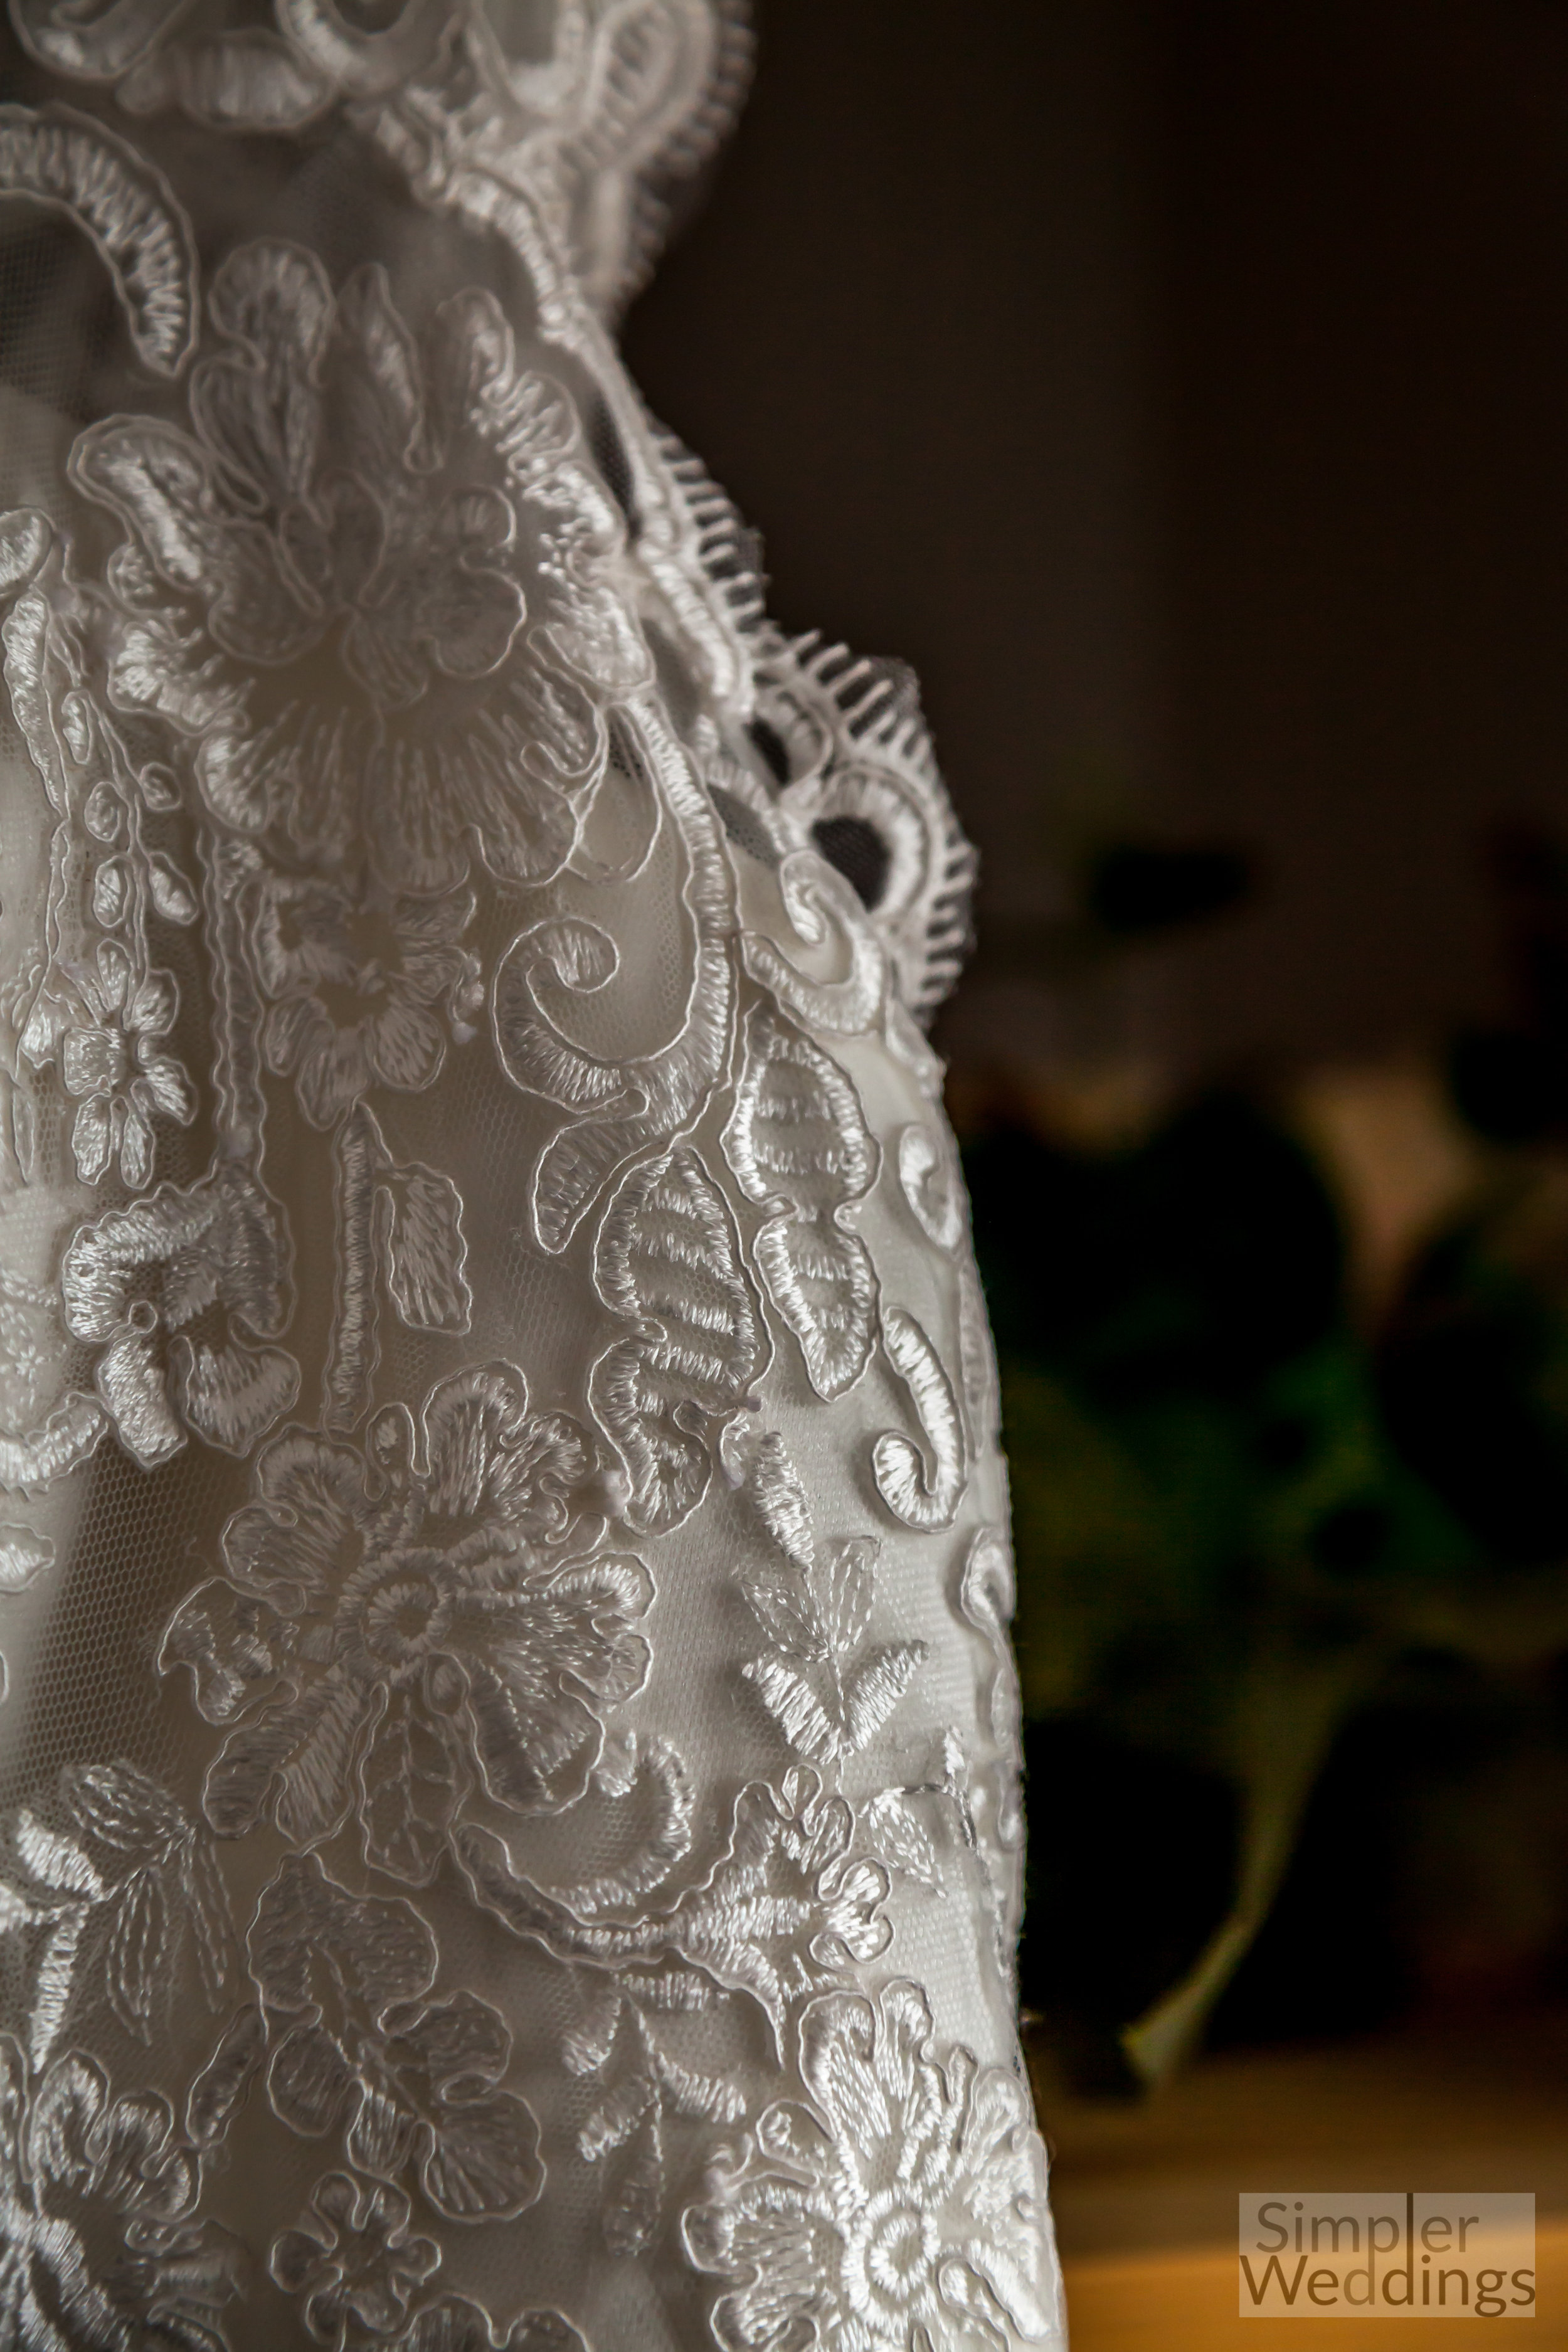 simpler-weddings-high-res-4881.jpg